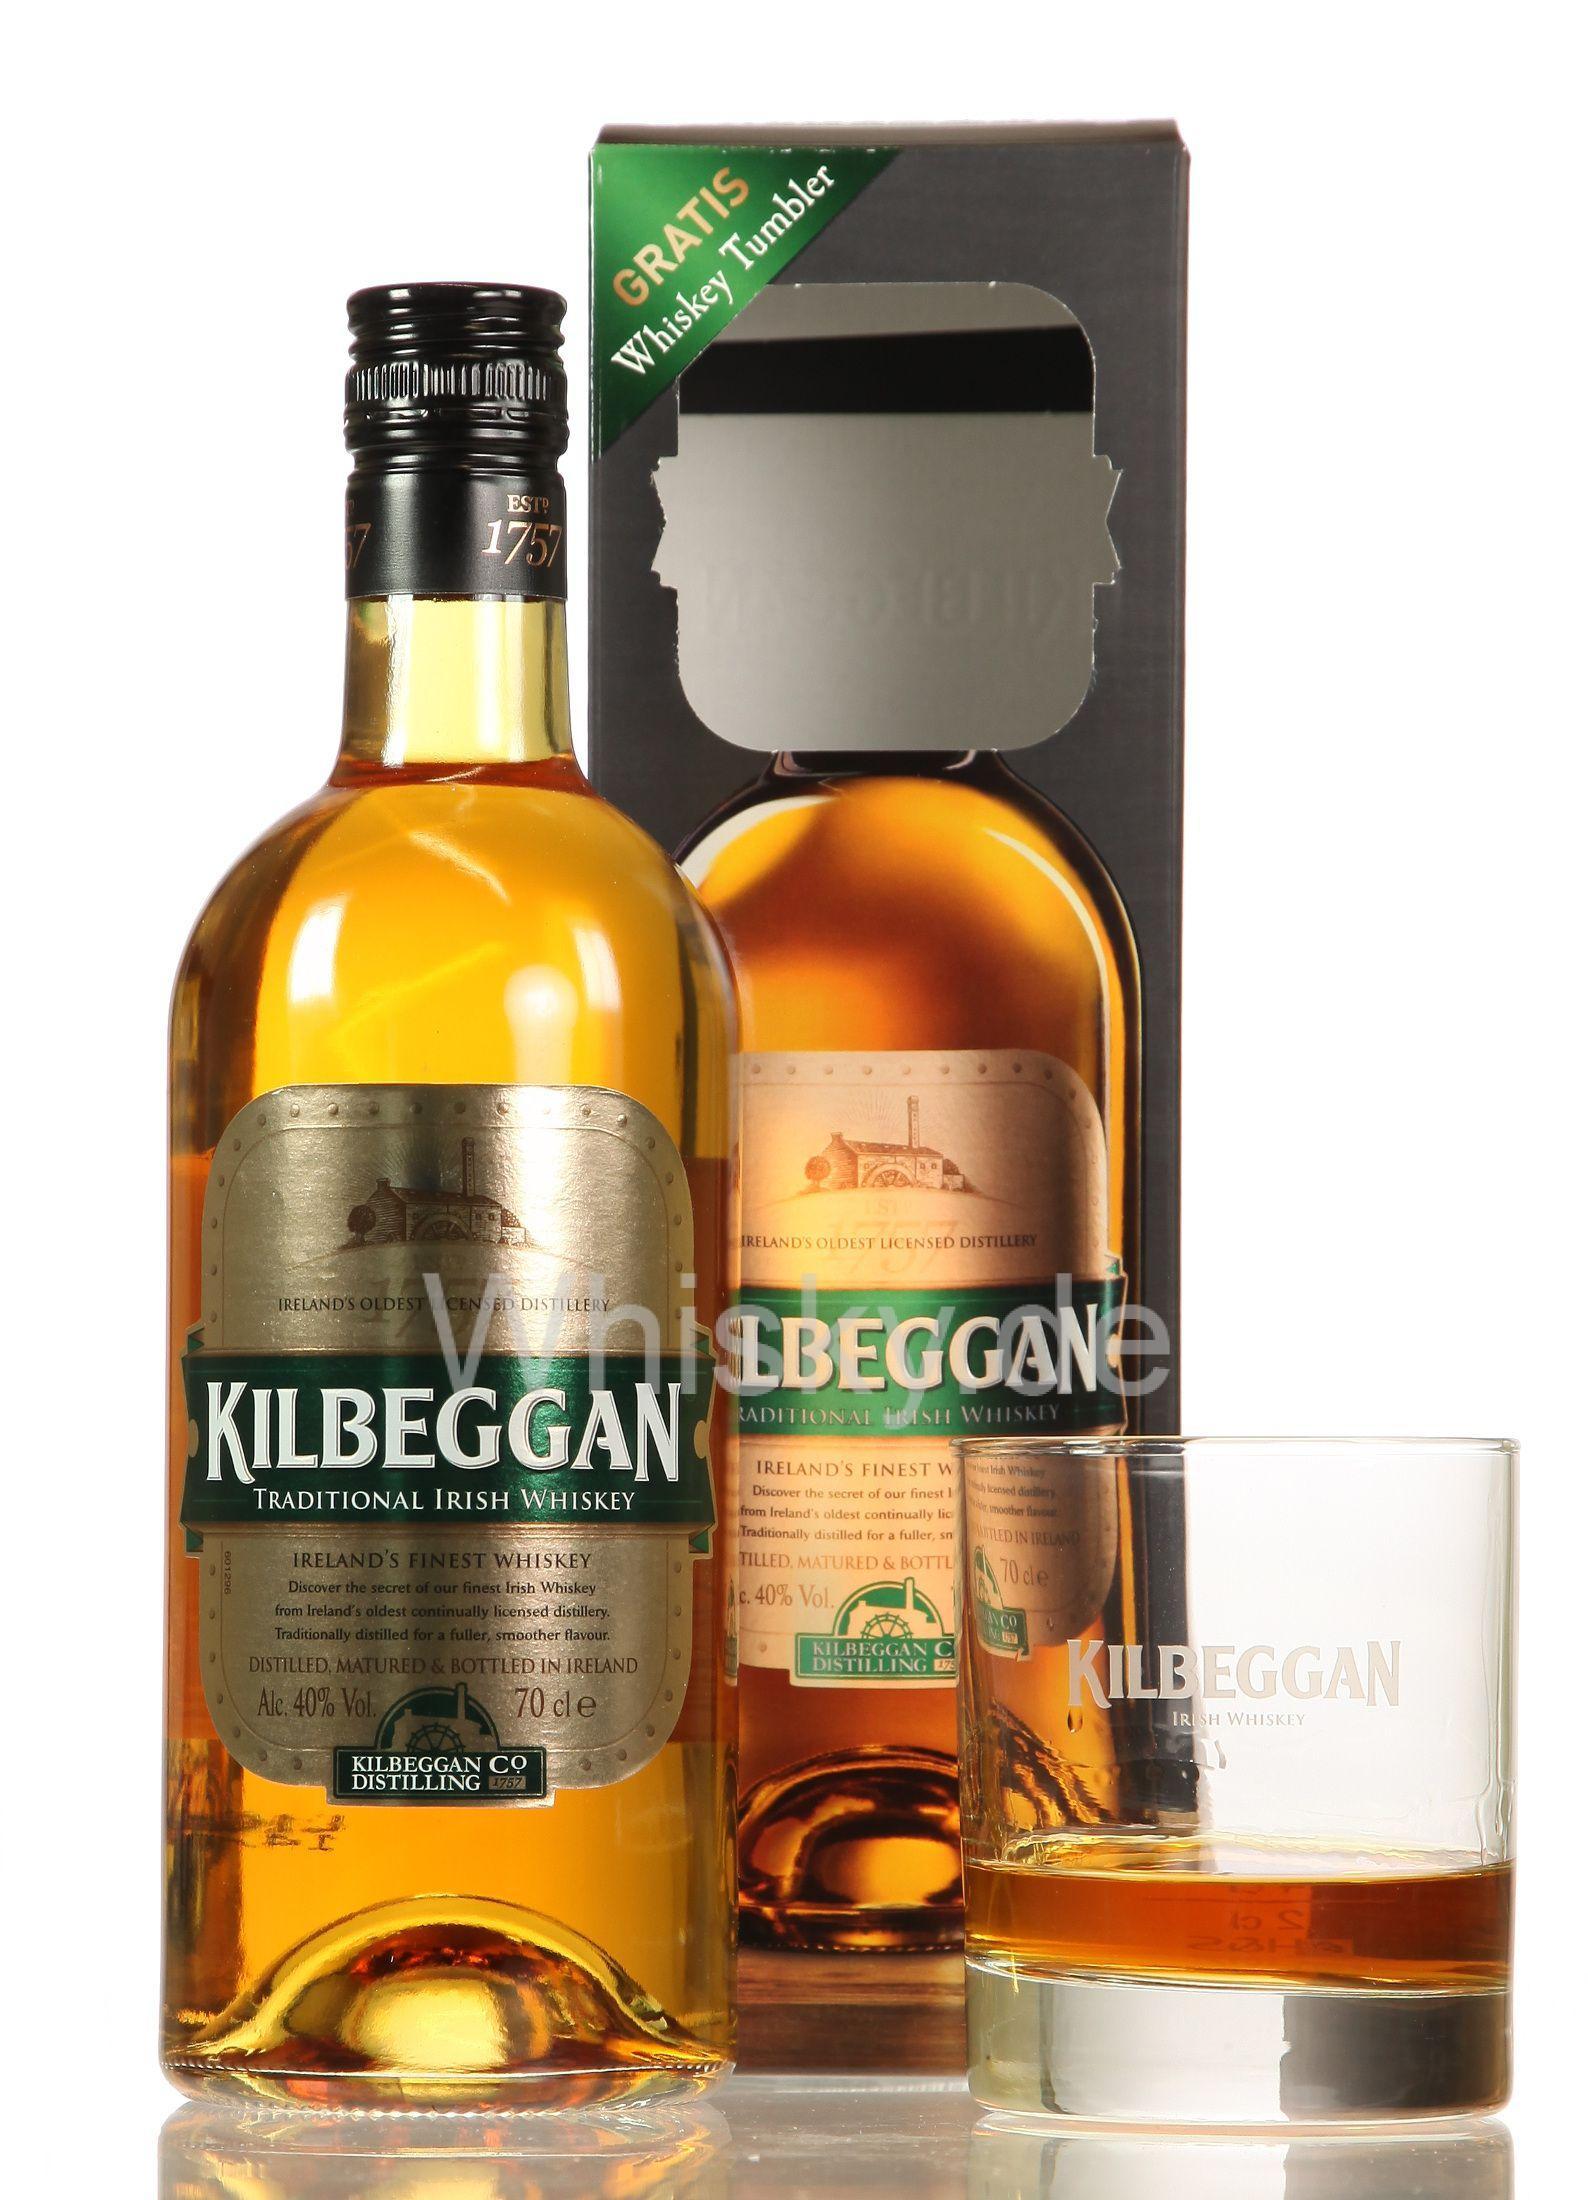 [Kaufland bundesweit] Kilbeggan Irish Whiskey 0,7L + Gratis Tumbler für 10,99€